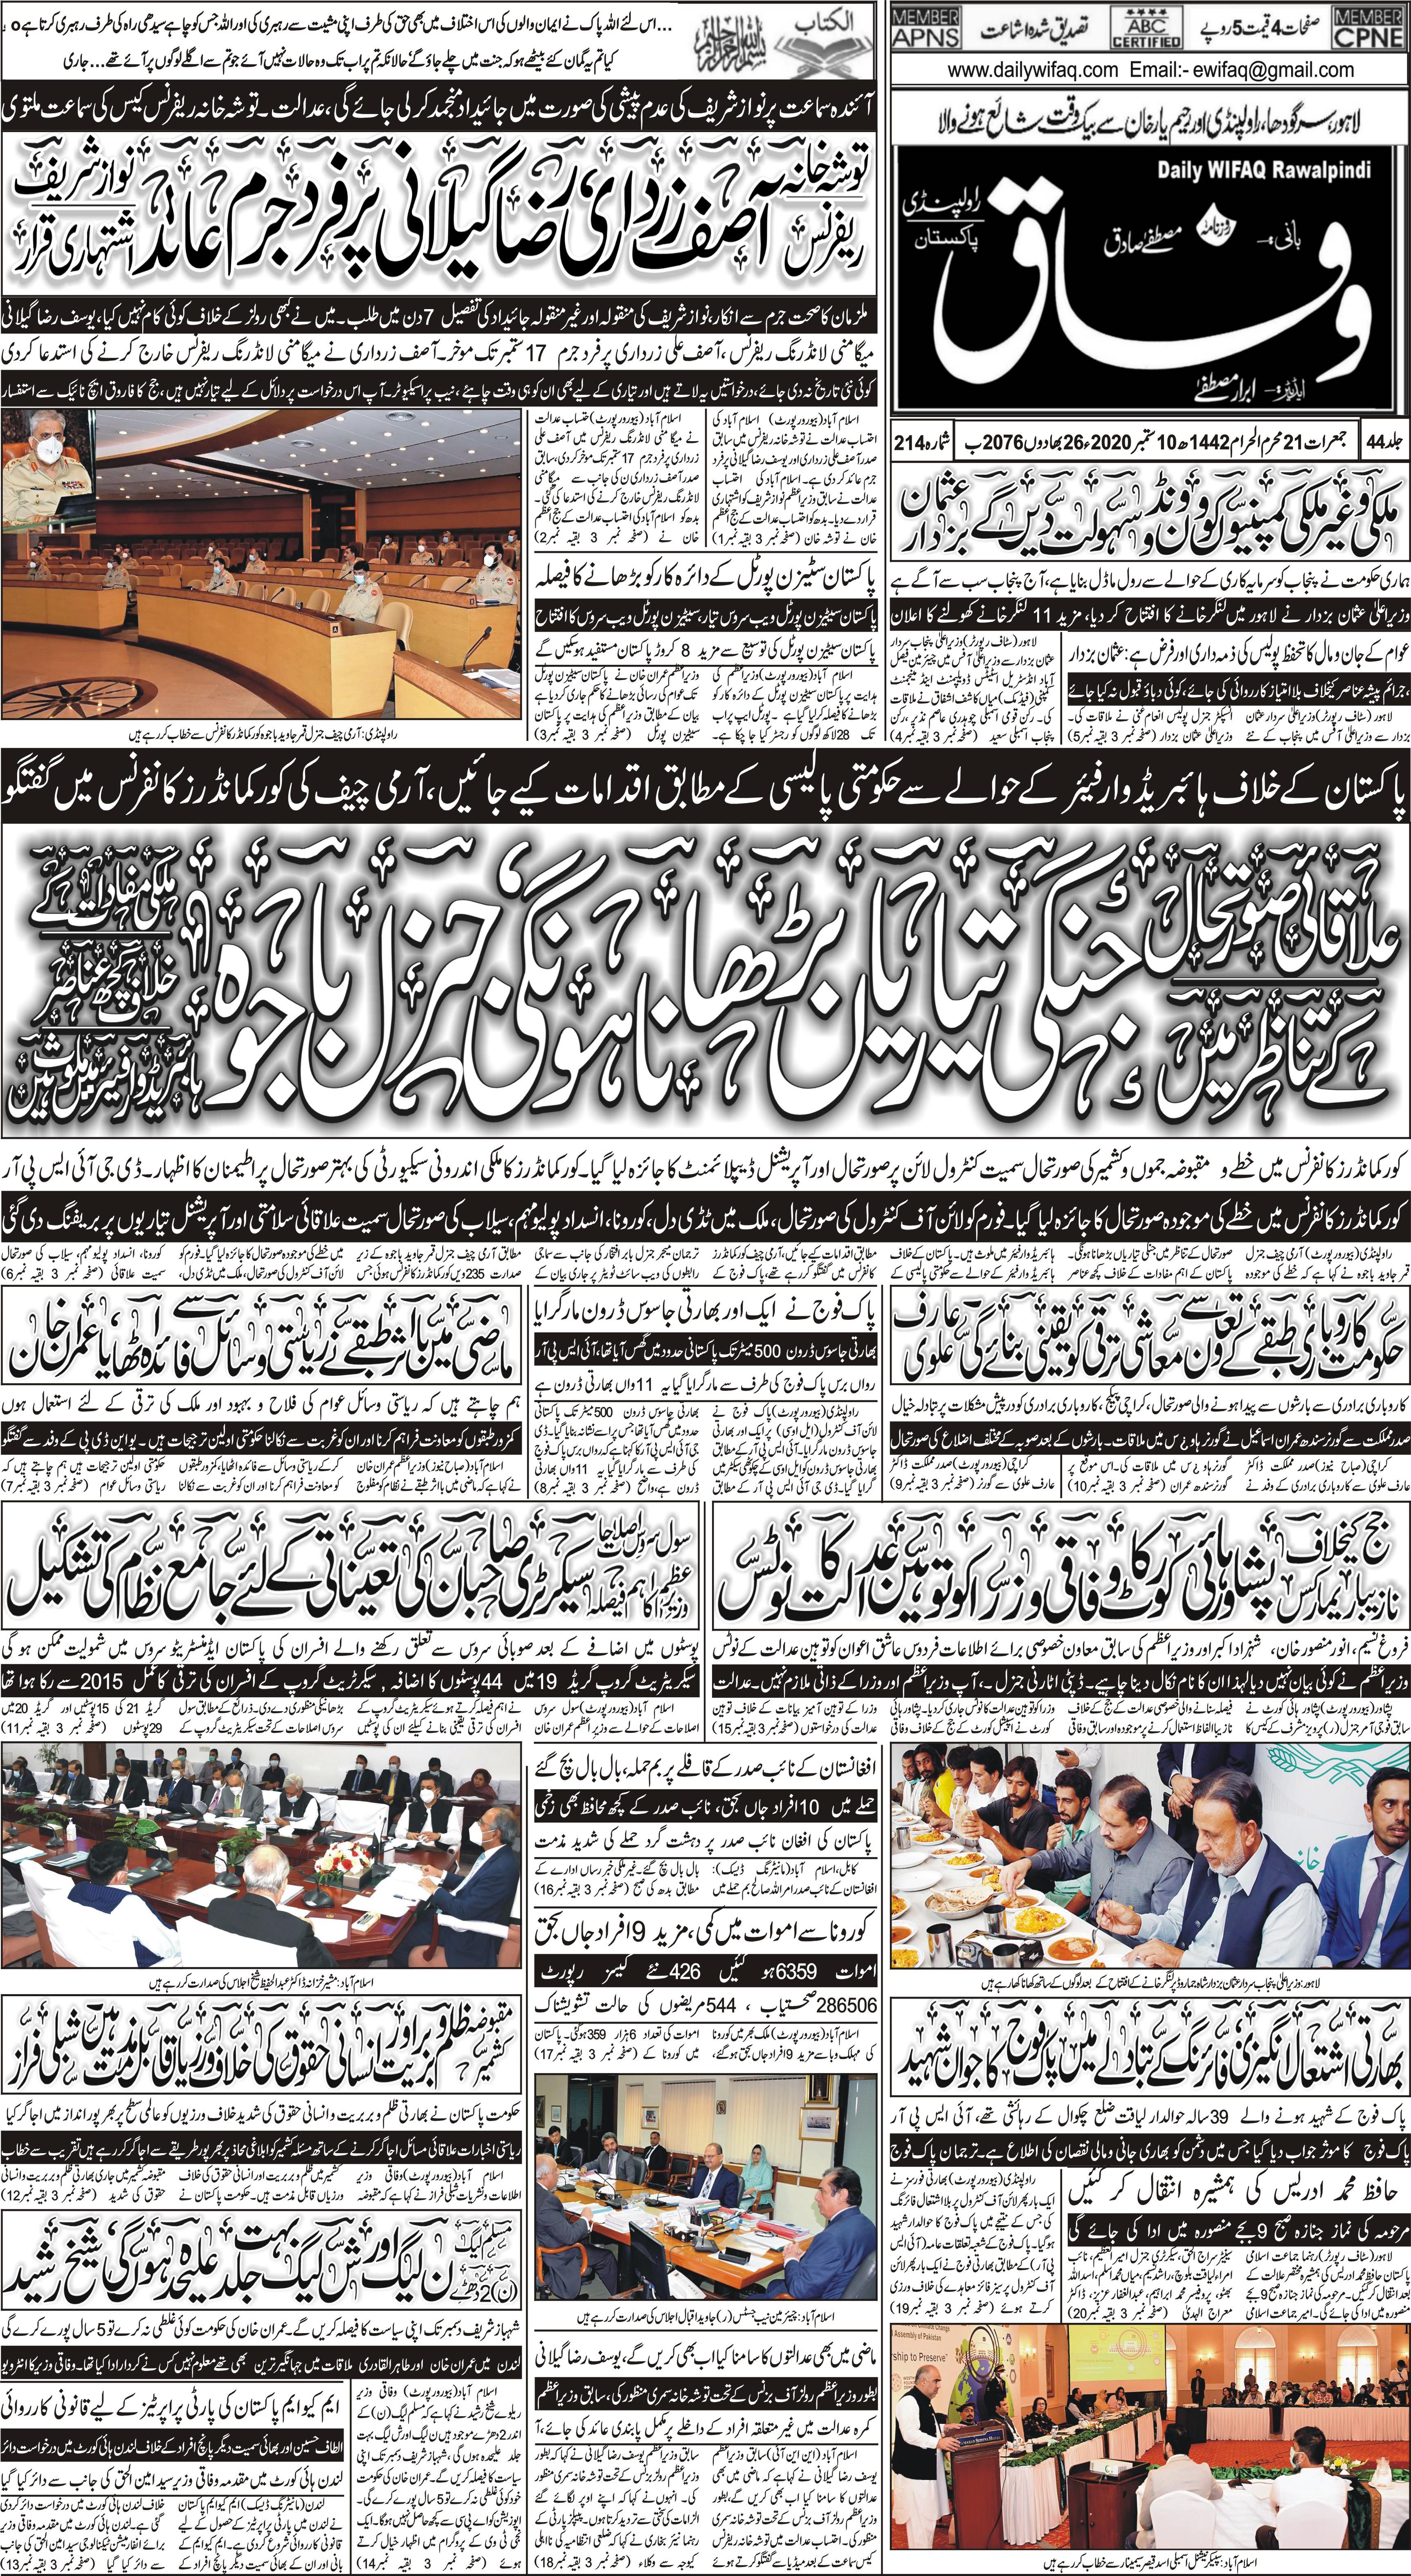 e-Paper – Daily Wifaq – Rawalpindi – 10-09-2020